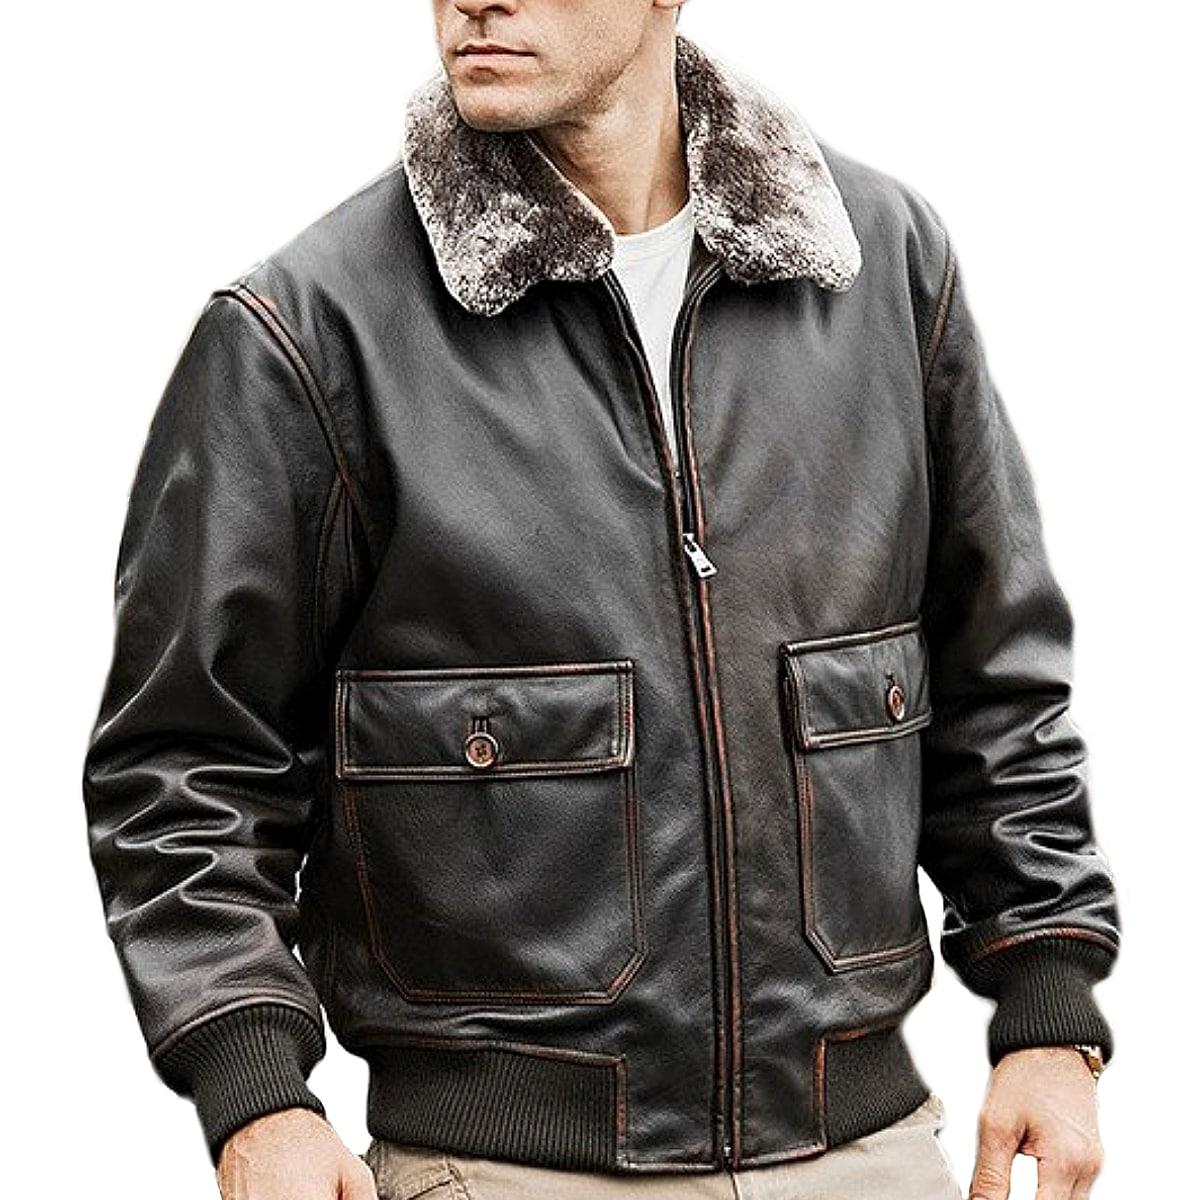 【送料無料!】全6サイズ! [Men's Removable Fur Collar Brown Cowhide Leather Pilot Jacket] メンズ リムーバブルファーカラー ブラウン カウハイドレザー パイロットジャケット! 本革 牛革 革ジャン ボンバージャケット アビエーター コート アウター バイクに!